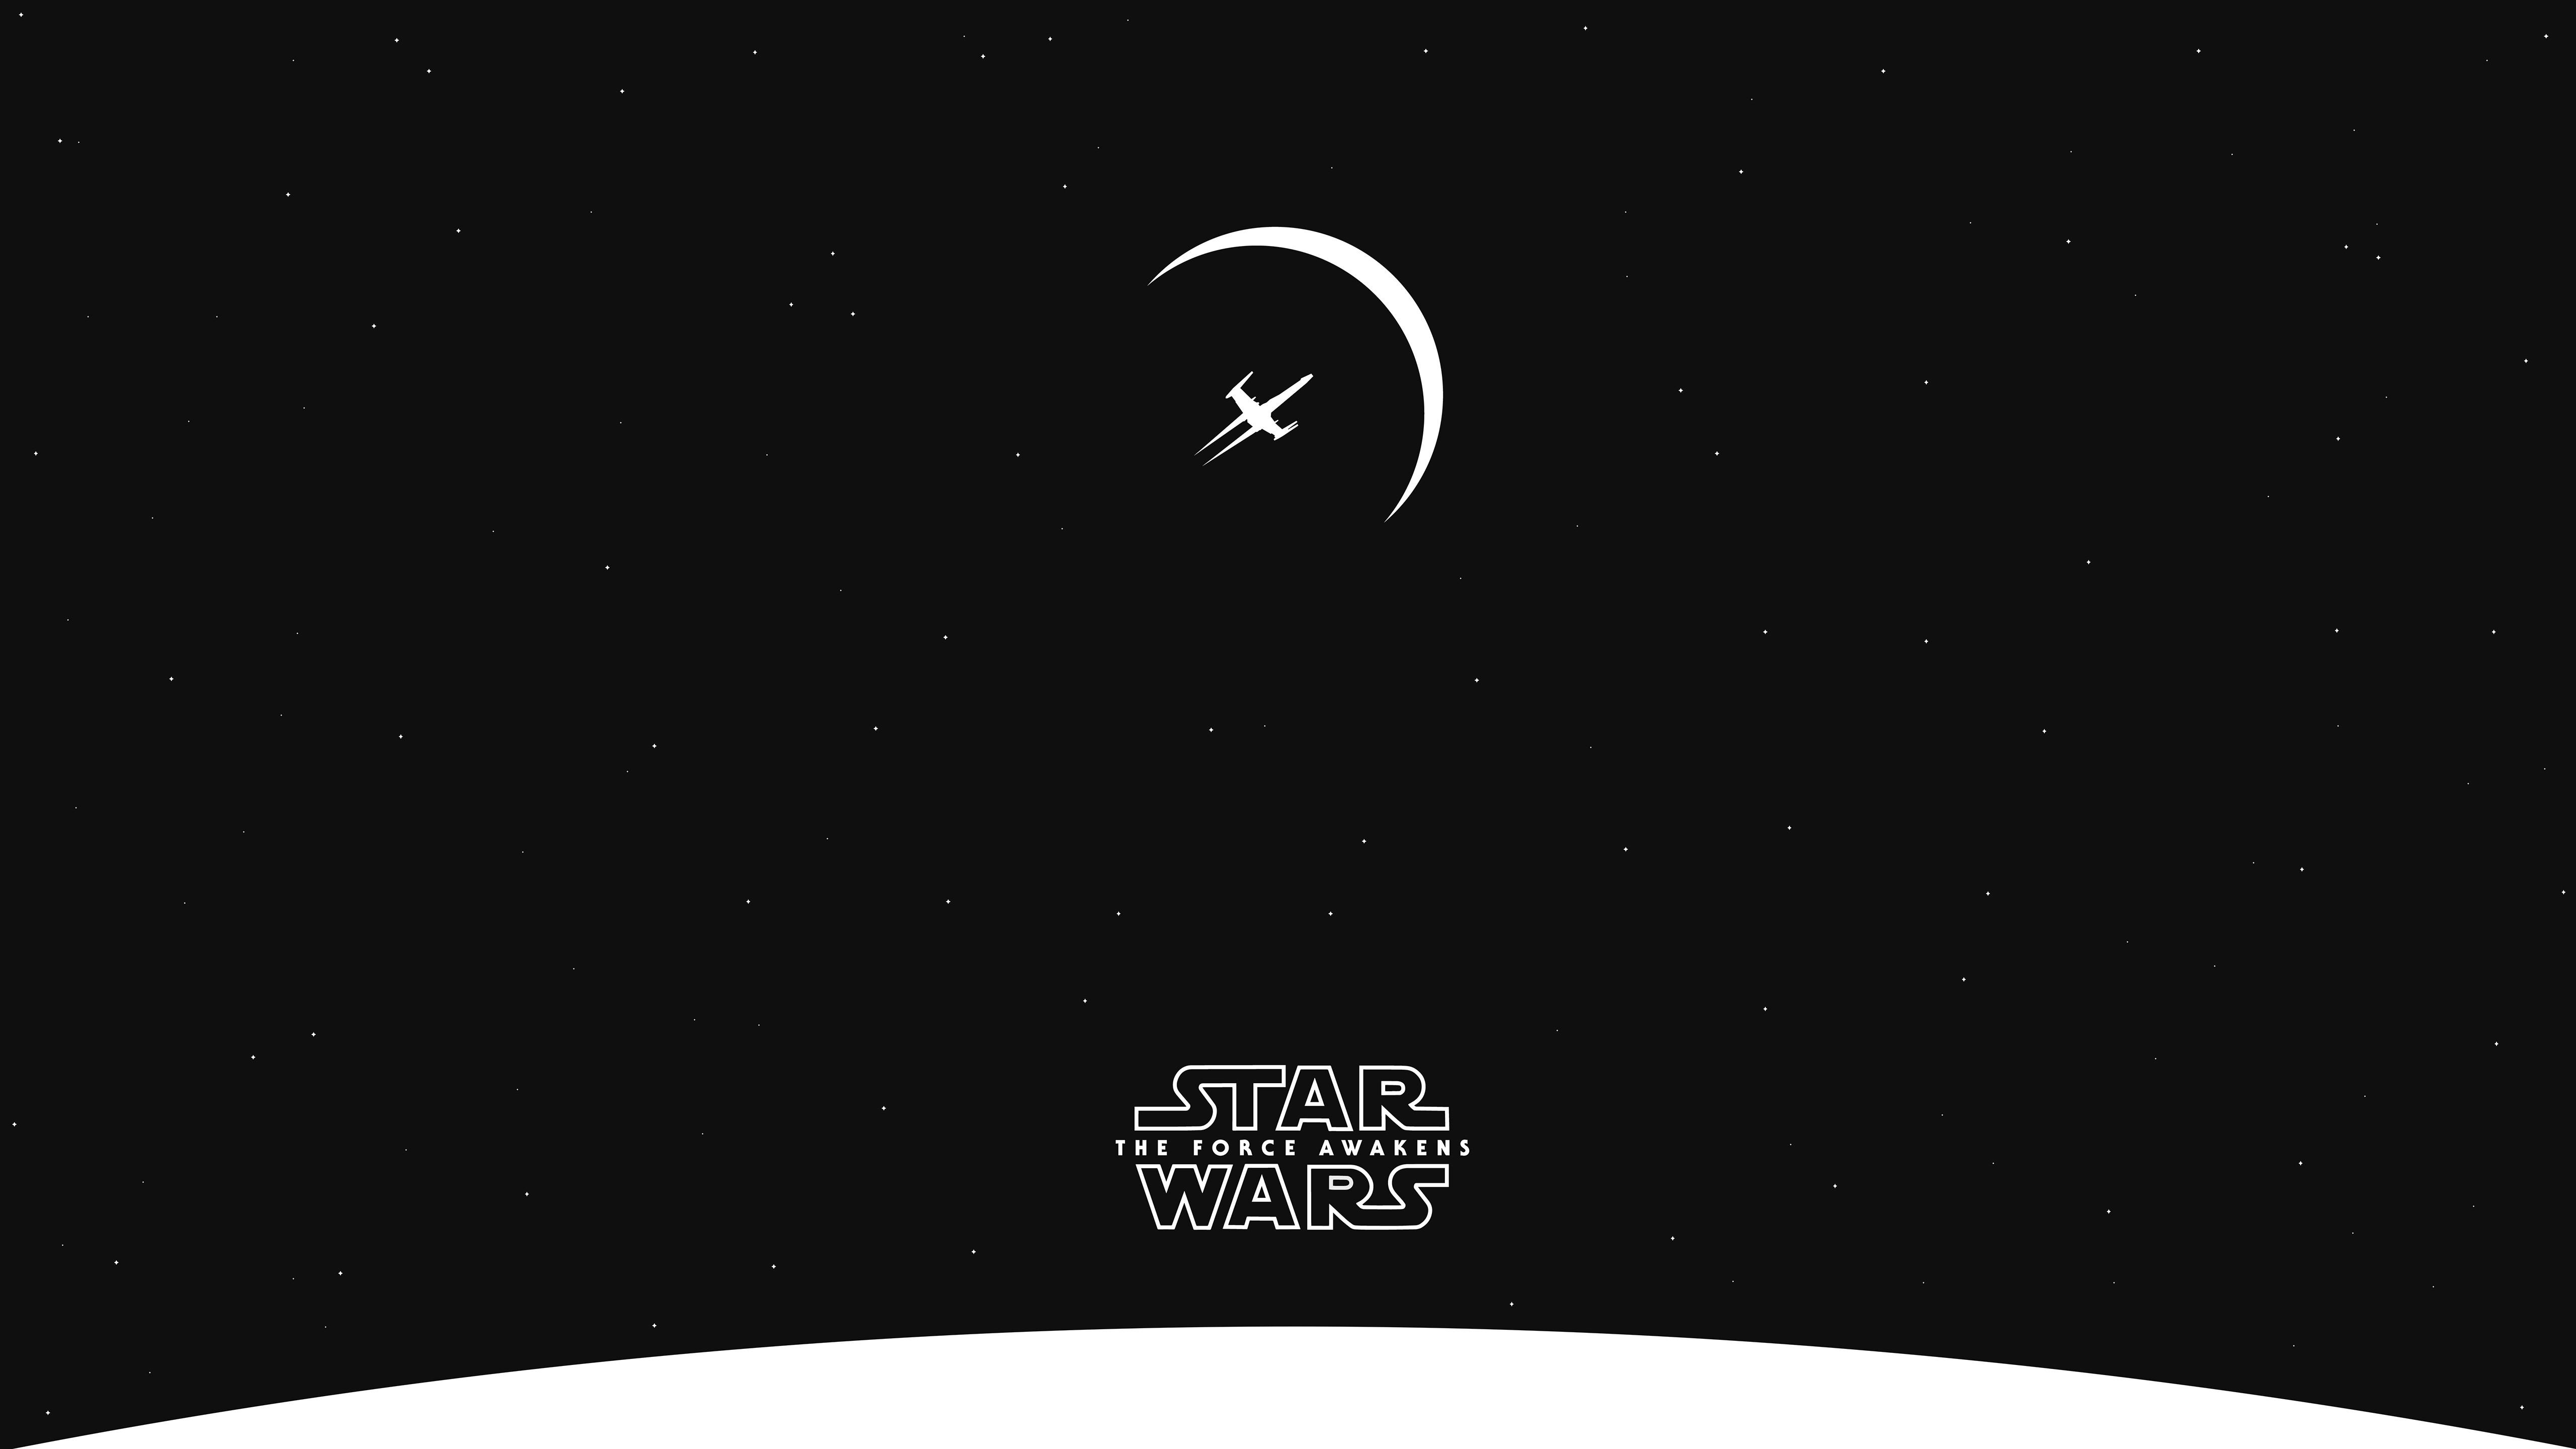 Wallpaper 5120x2880 Px Minimalism Planet Space Star Wars Star Wars The Force Awakens Stars Wing X 5120x2880 Wallup 1428079 Hd Wallpapers Wallhere